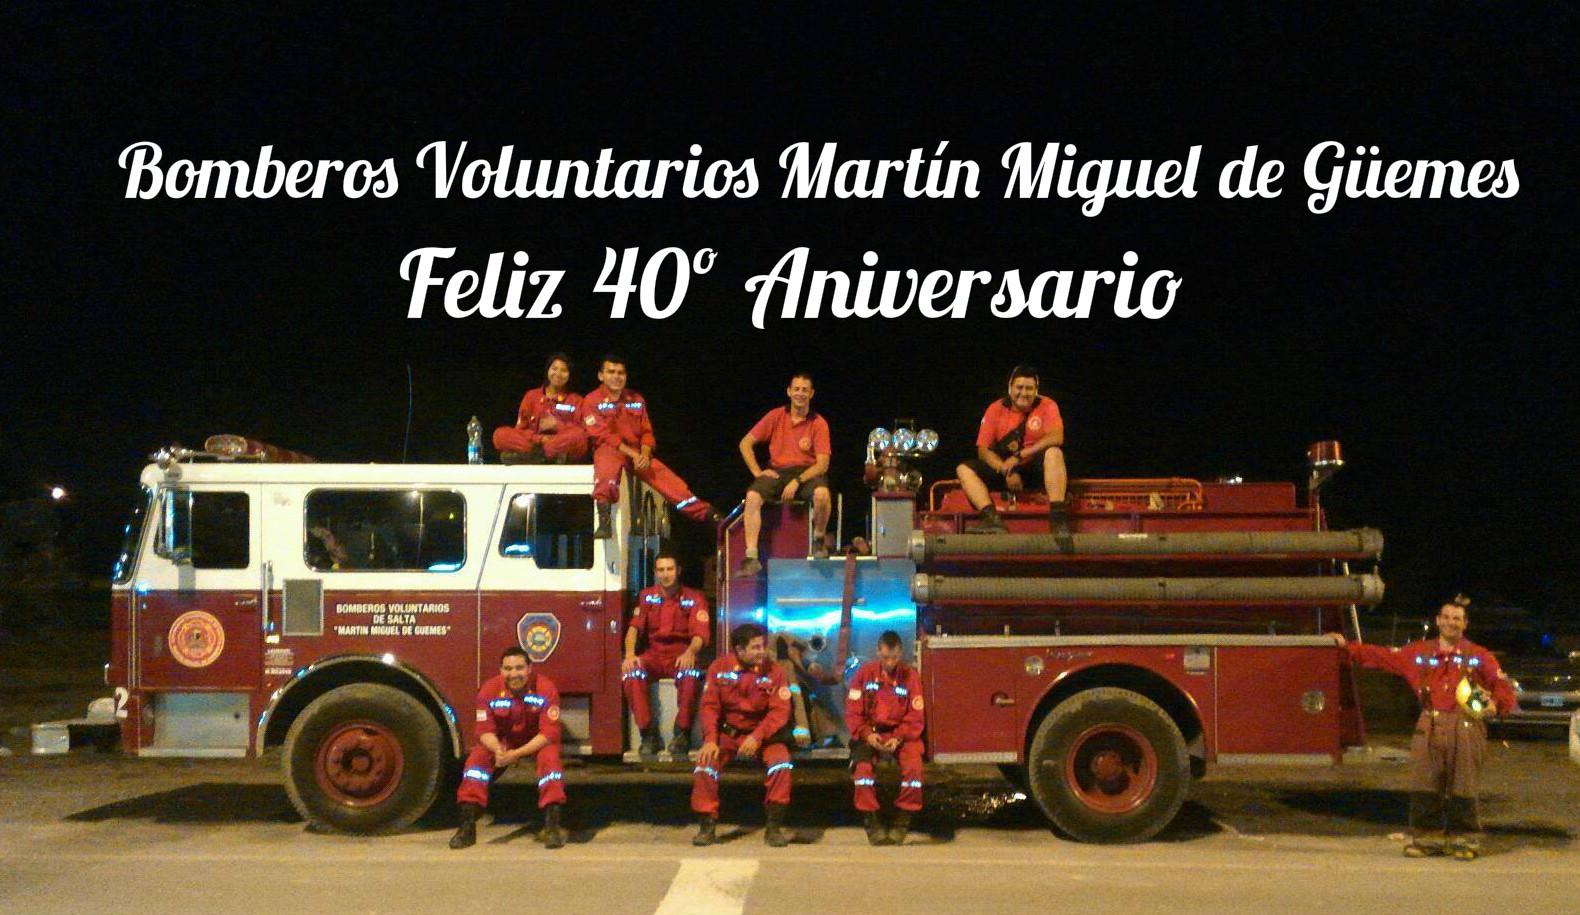 Bomberos Voluntarios Martin Miguel de Guemes celebra su 40º aniversario